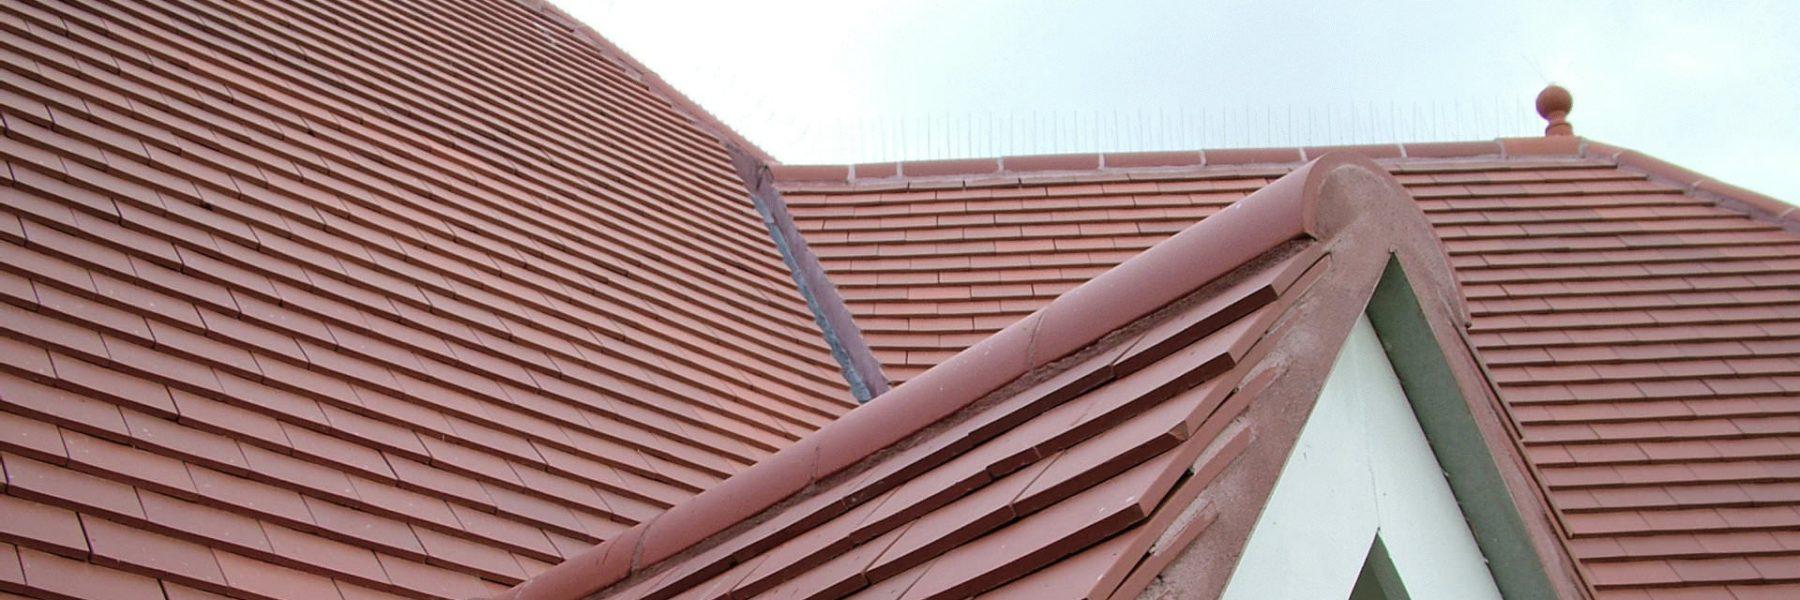 roof3_mini